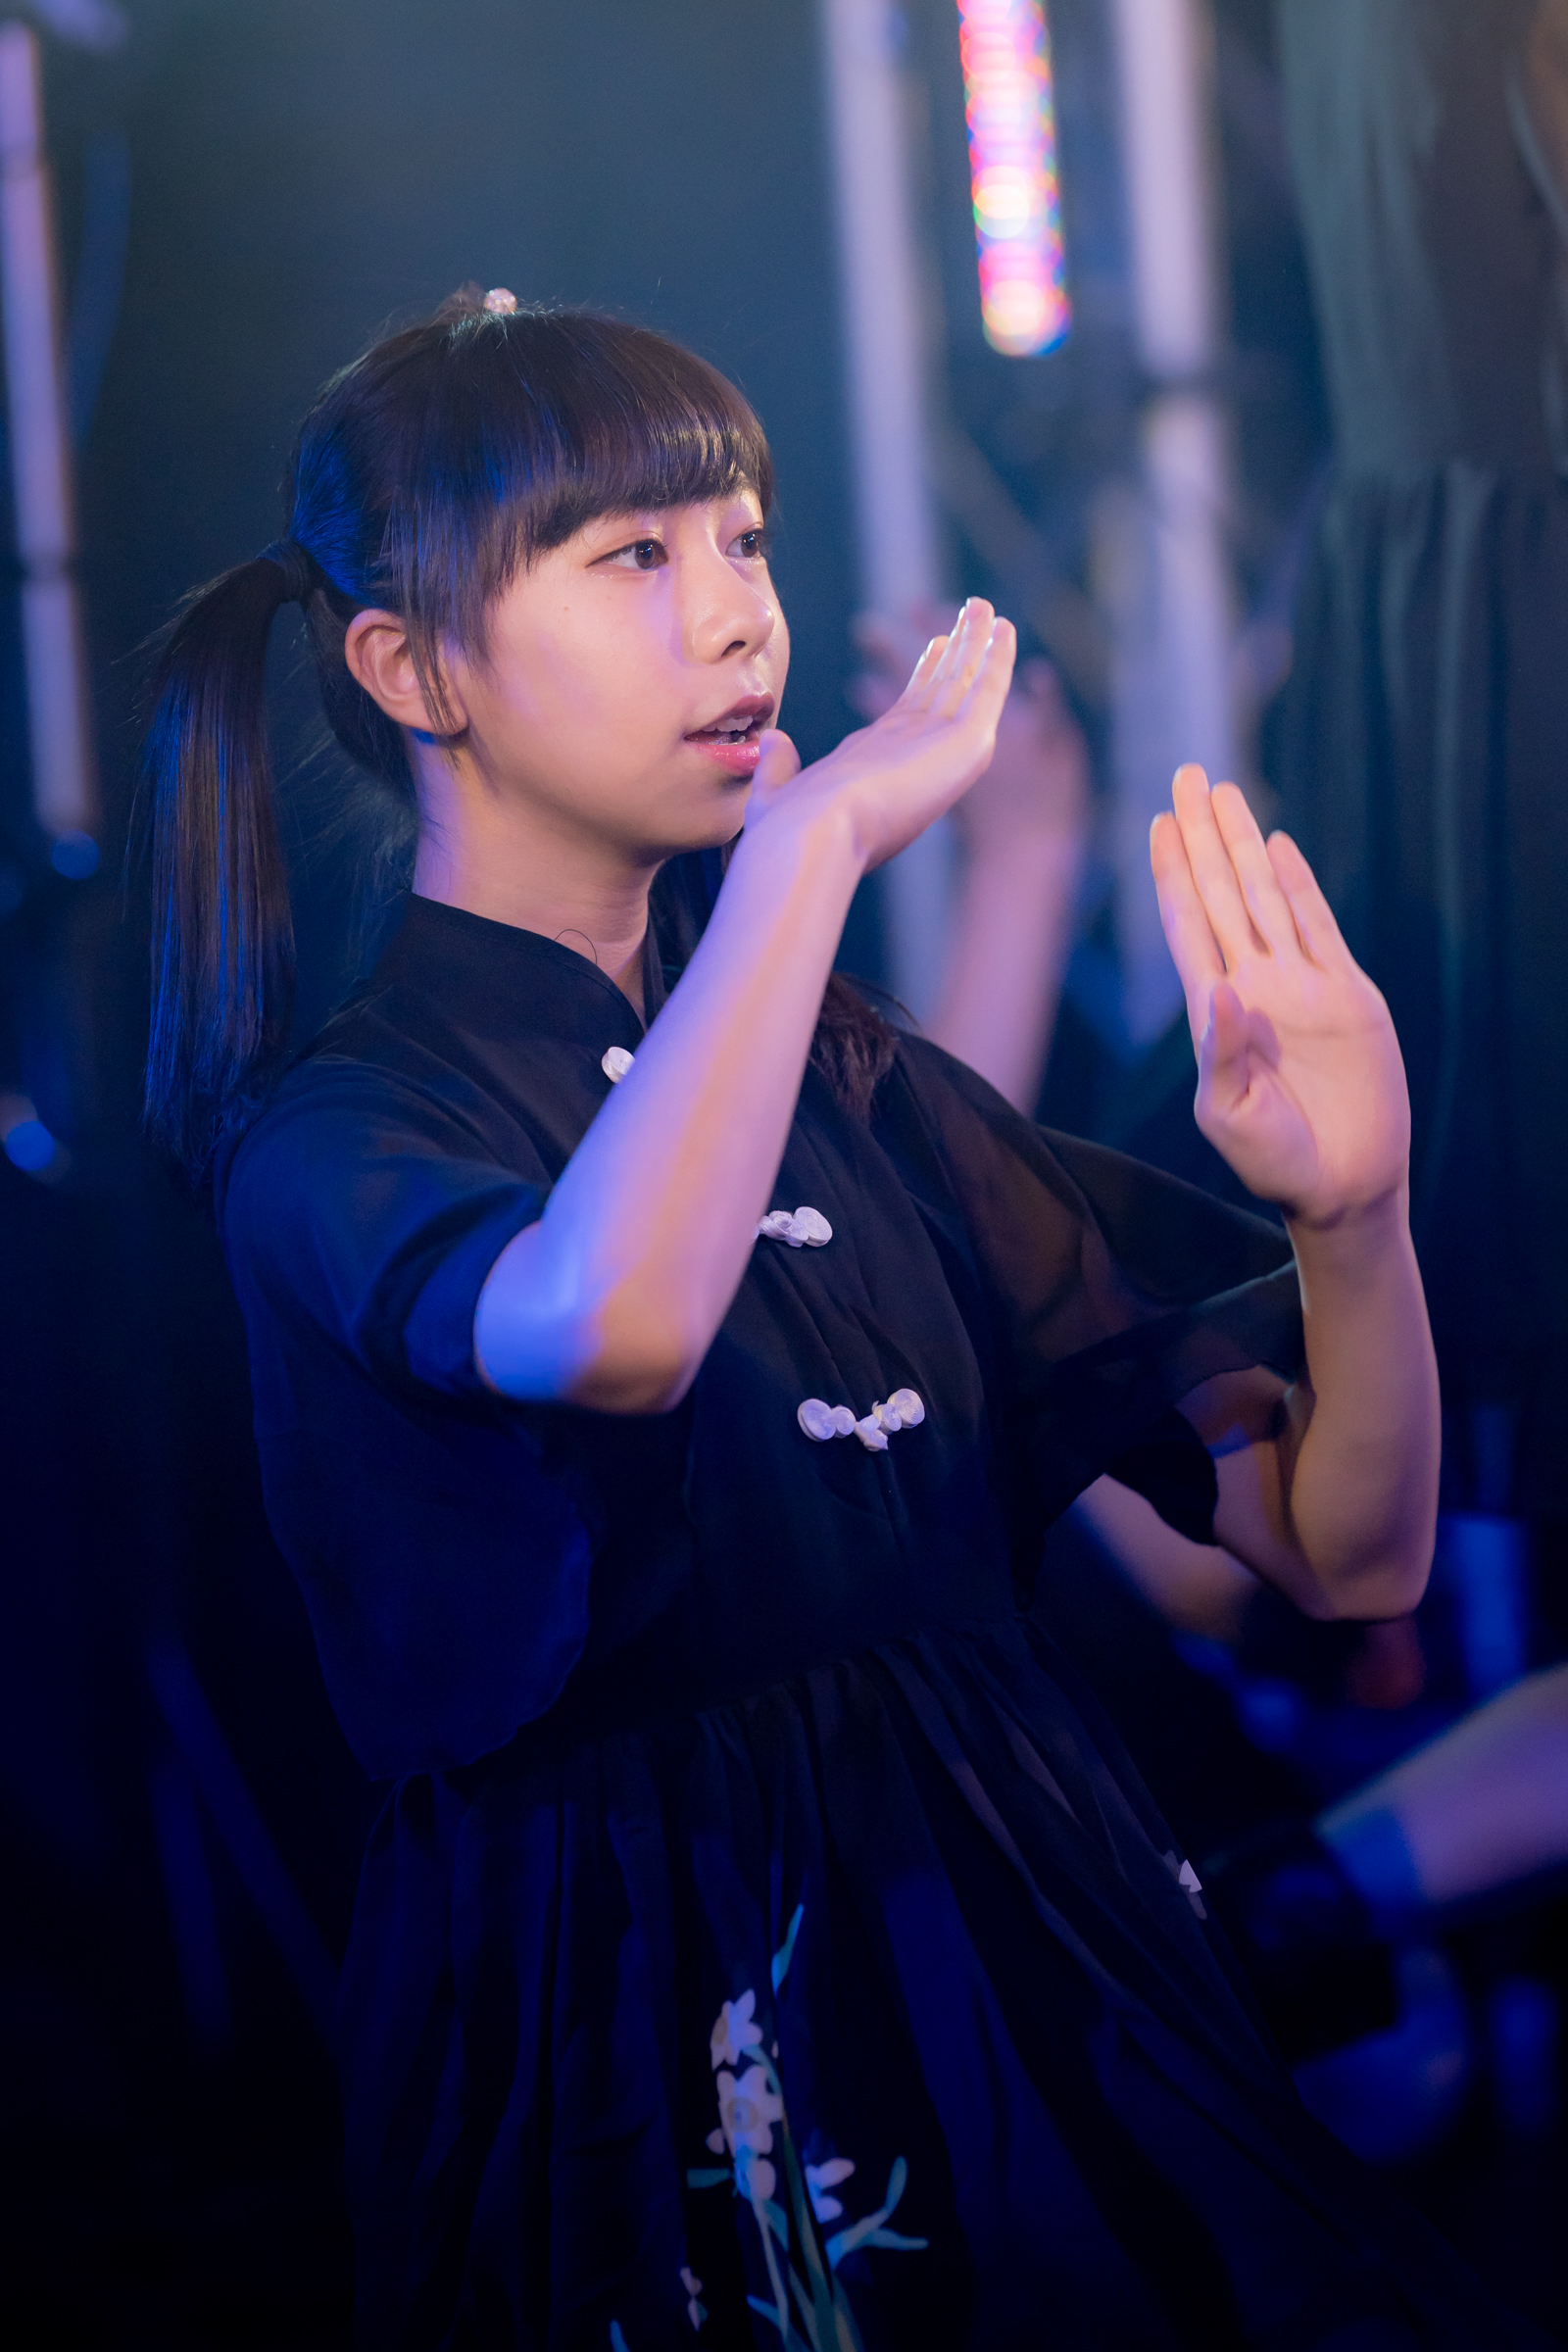 フルーティー♡ さえ ( 大井彩愛 ) | フルーティー定期公演フルーツバスケット~おまる生誕~